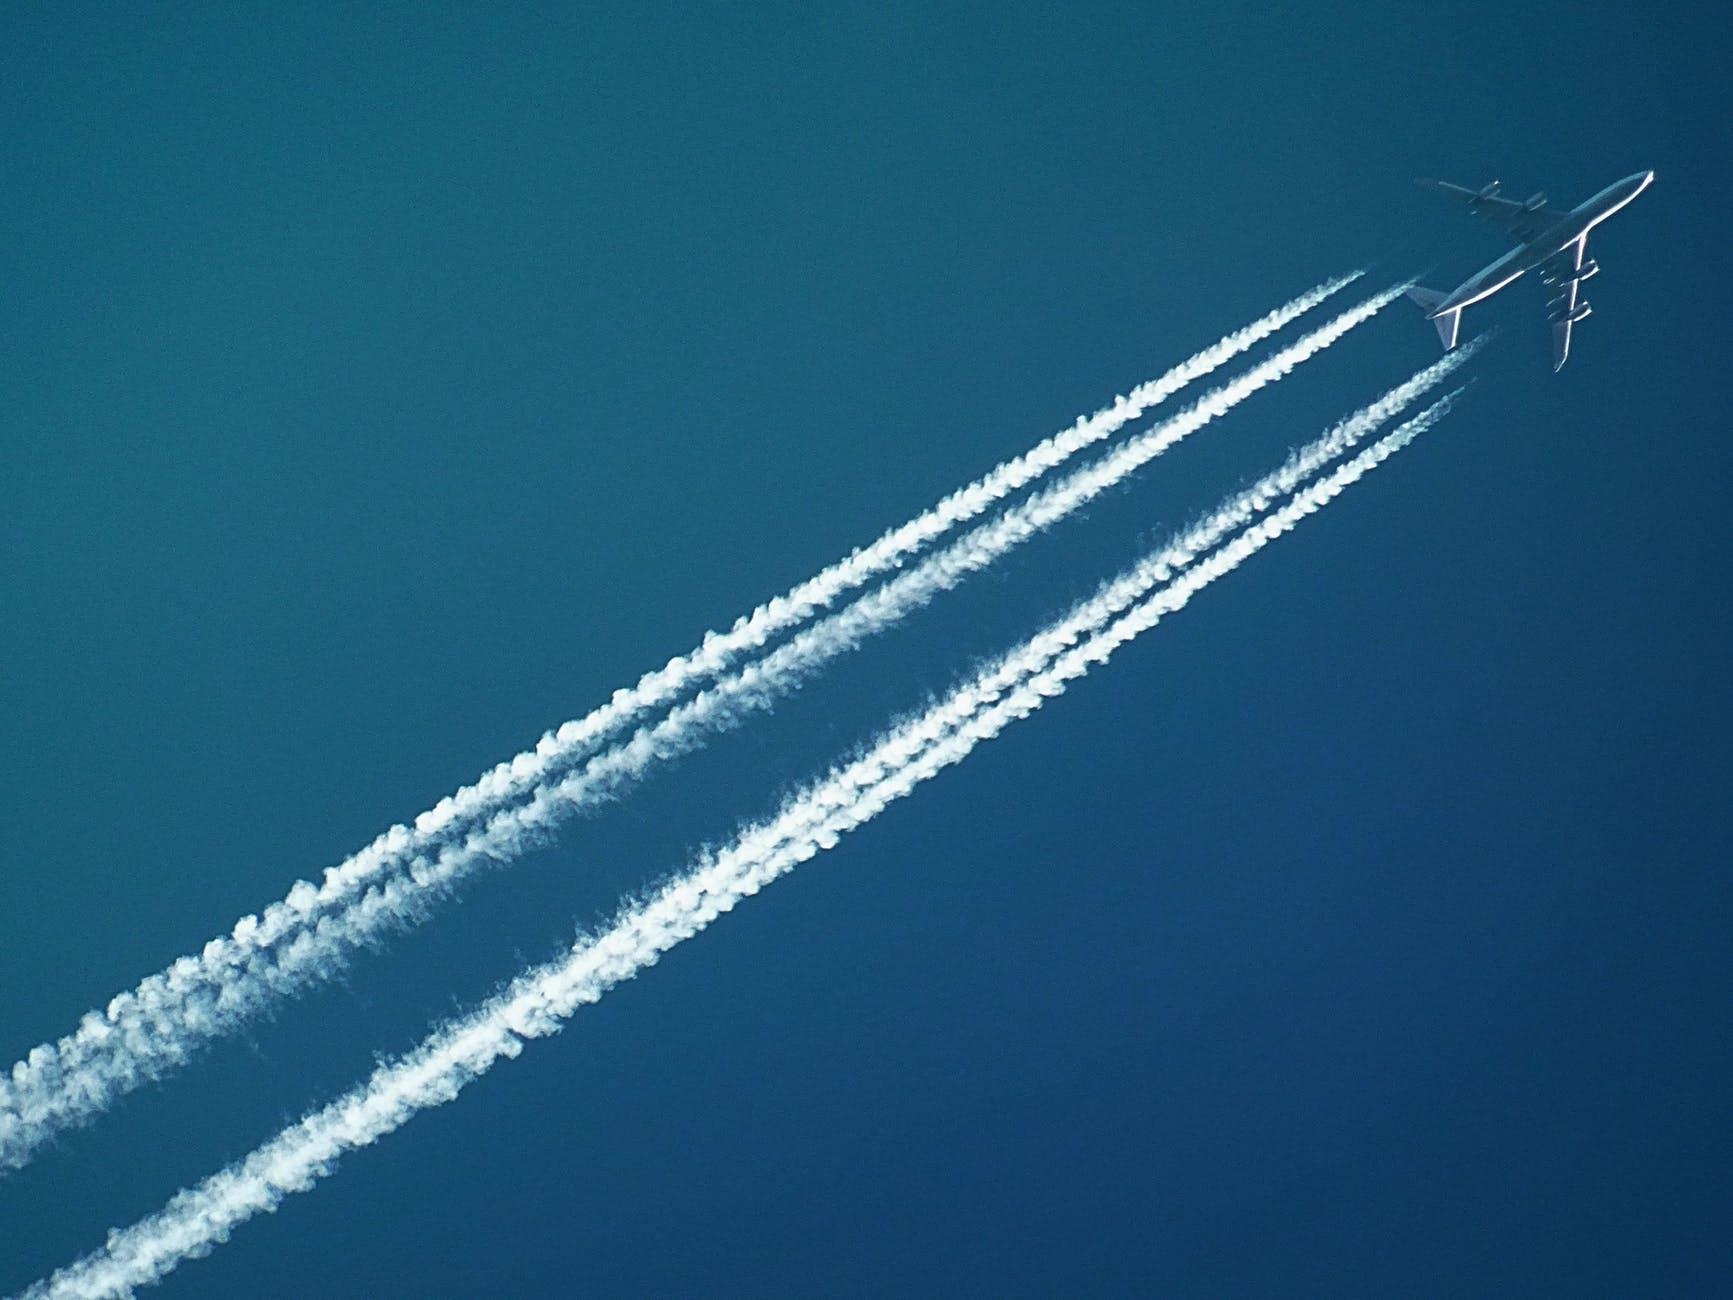 美成功测试无人机空中加油有望增加舰载机作战半径